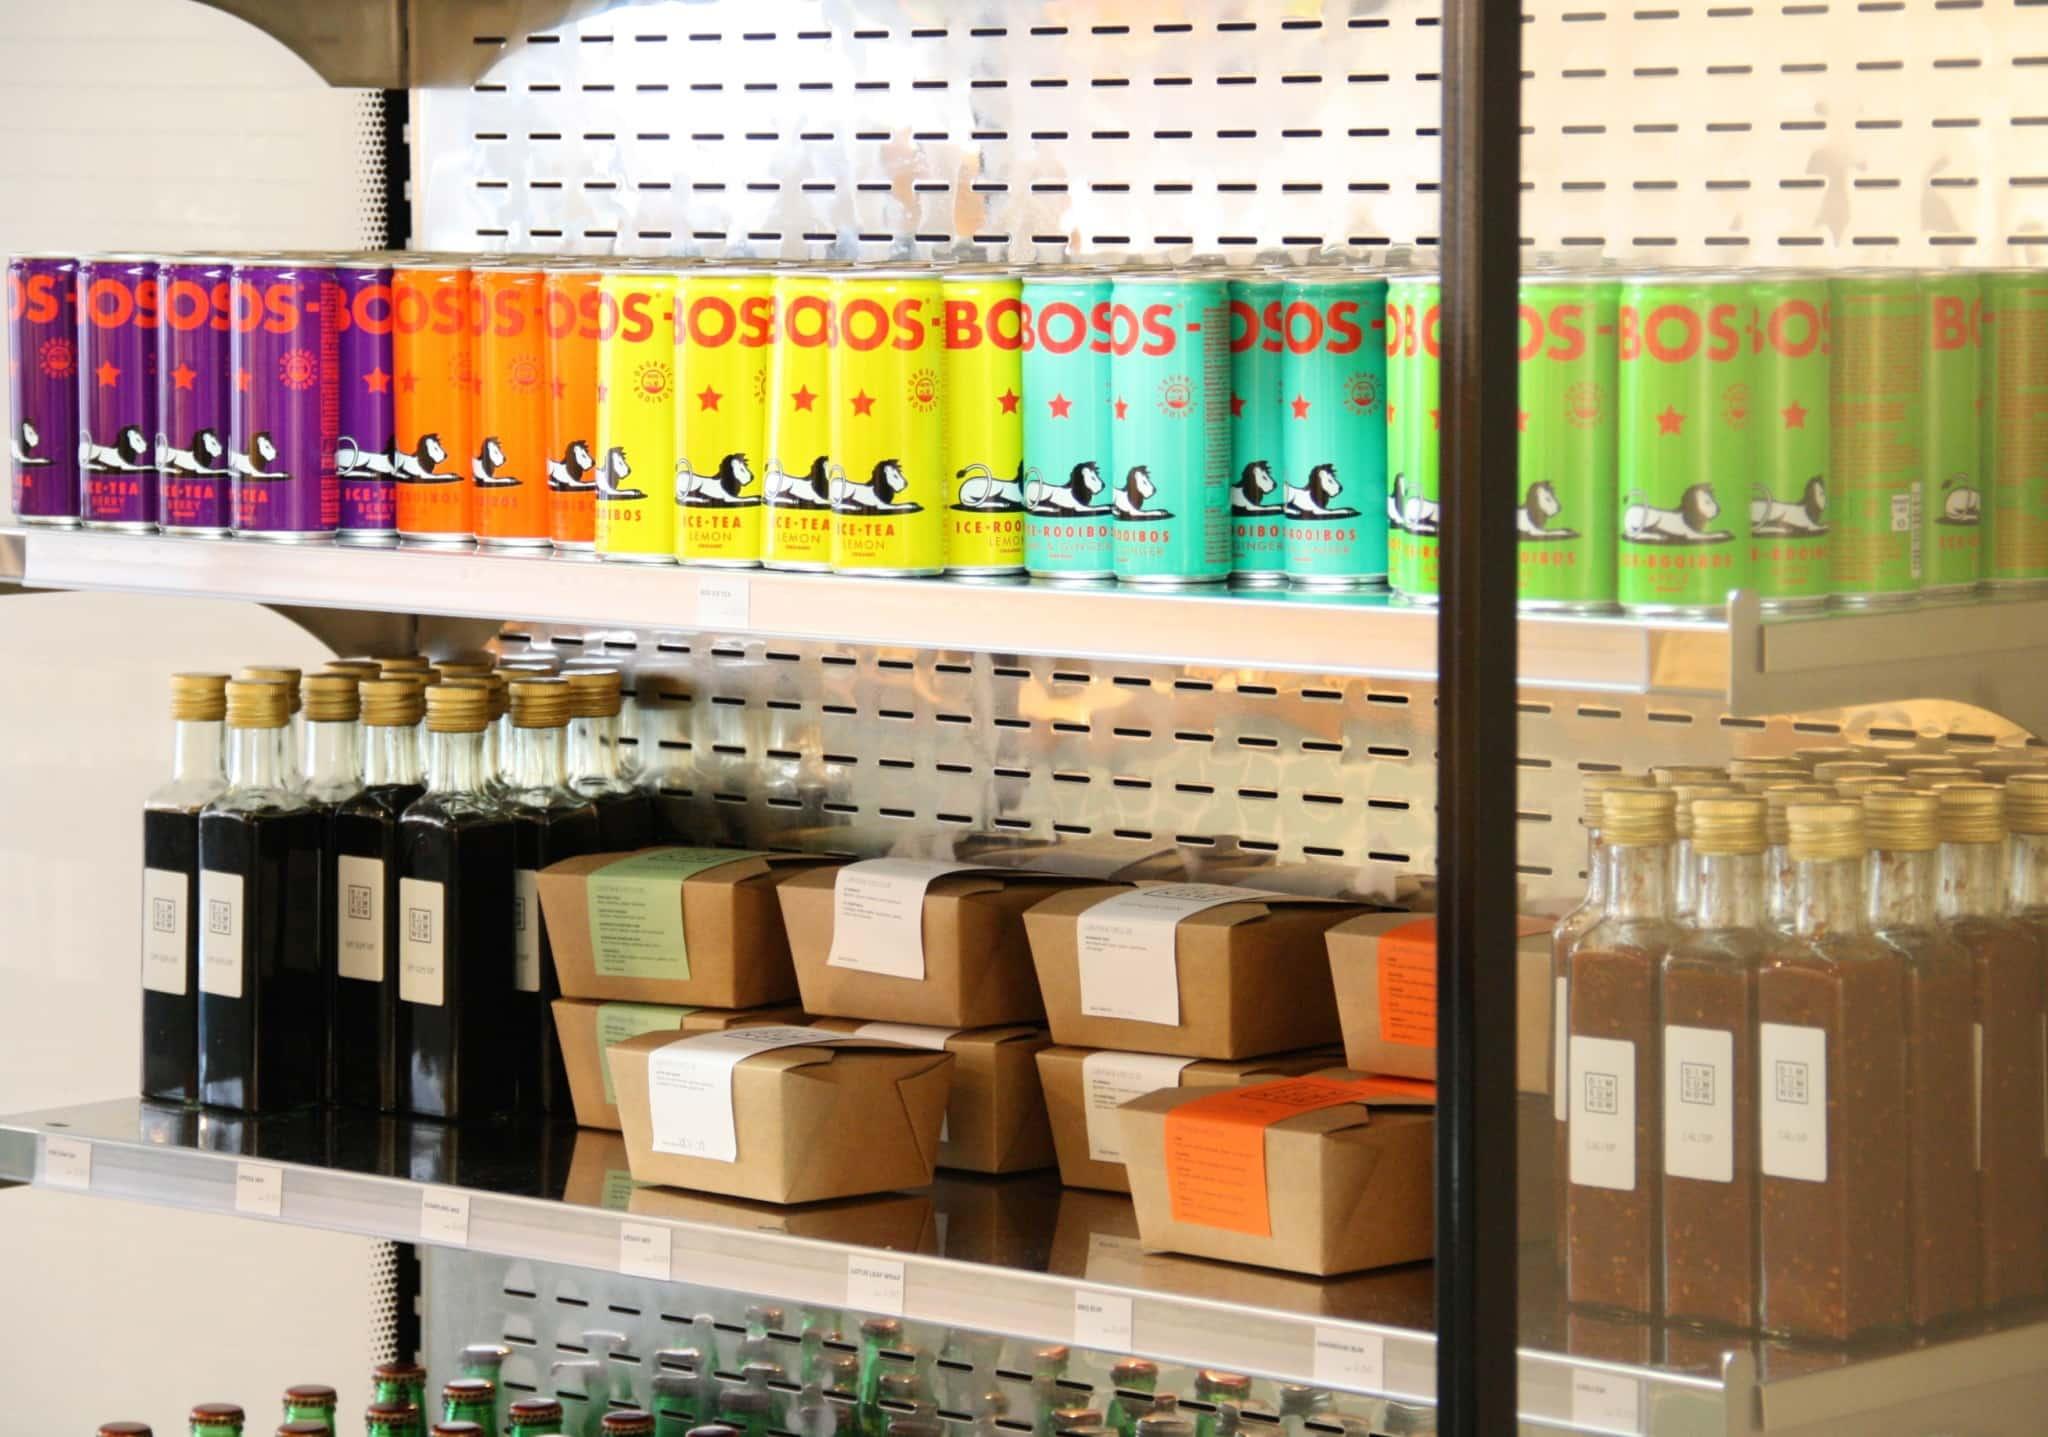 IMG 6113 - Dim Sum restaurants, wat zijn mijn favorieten?